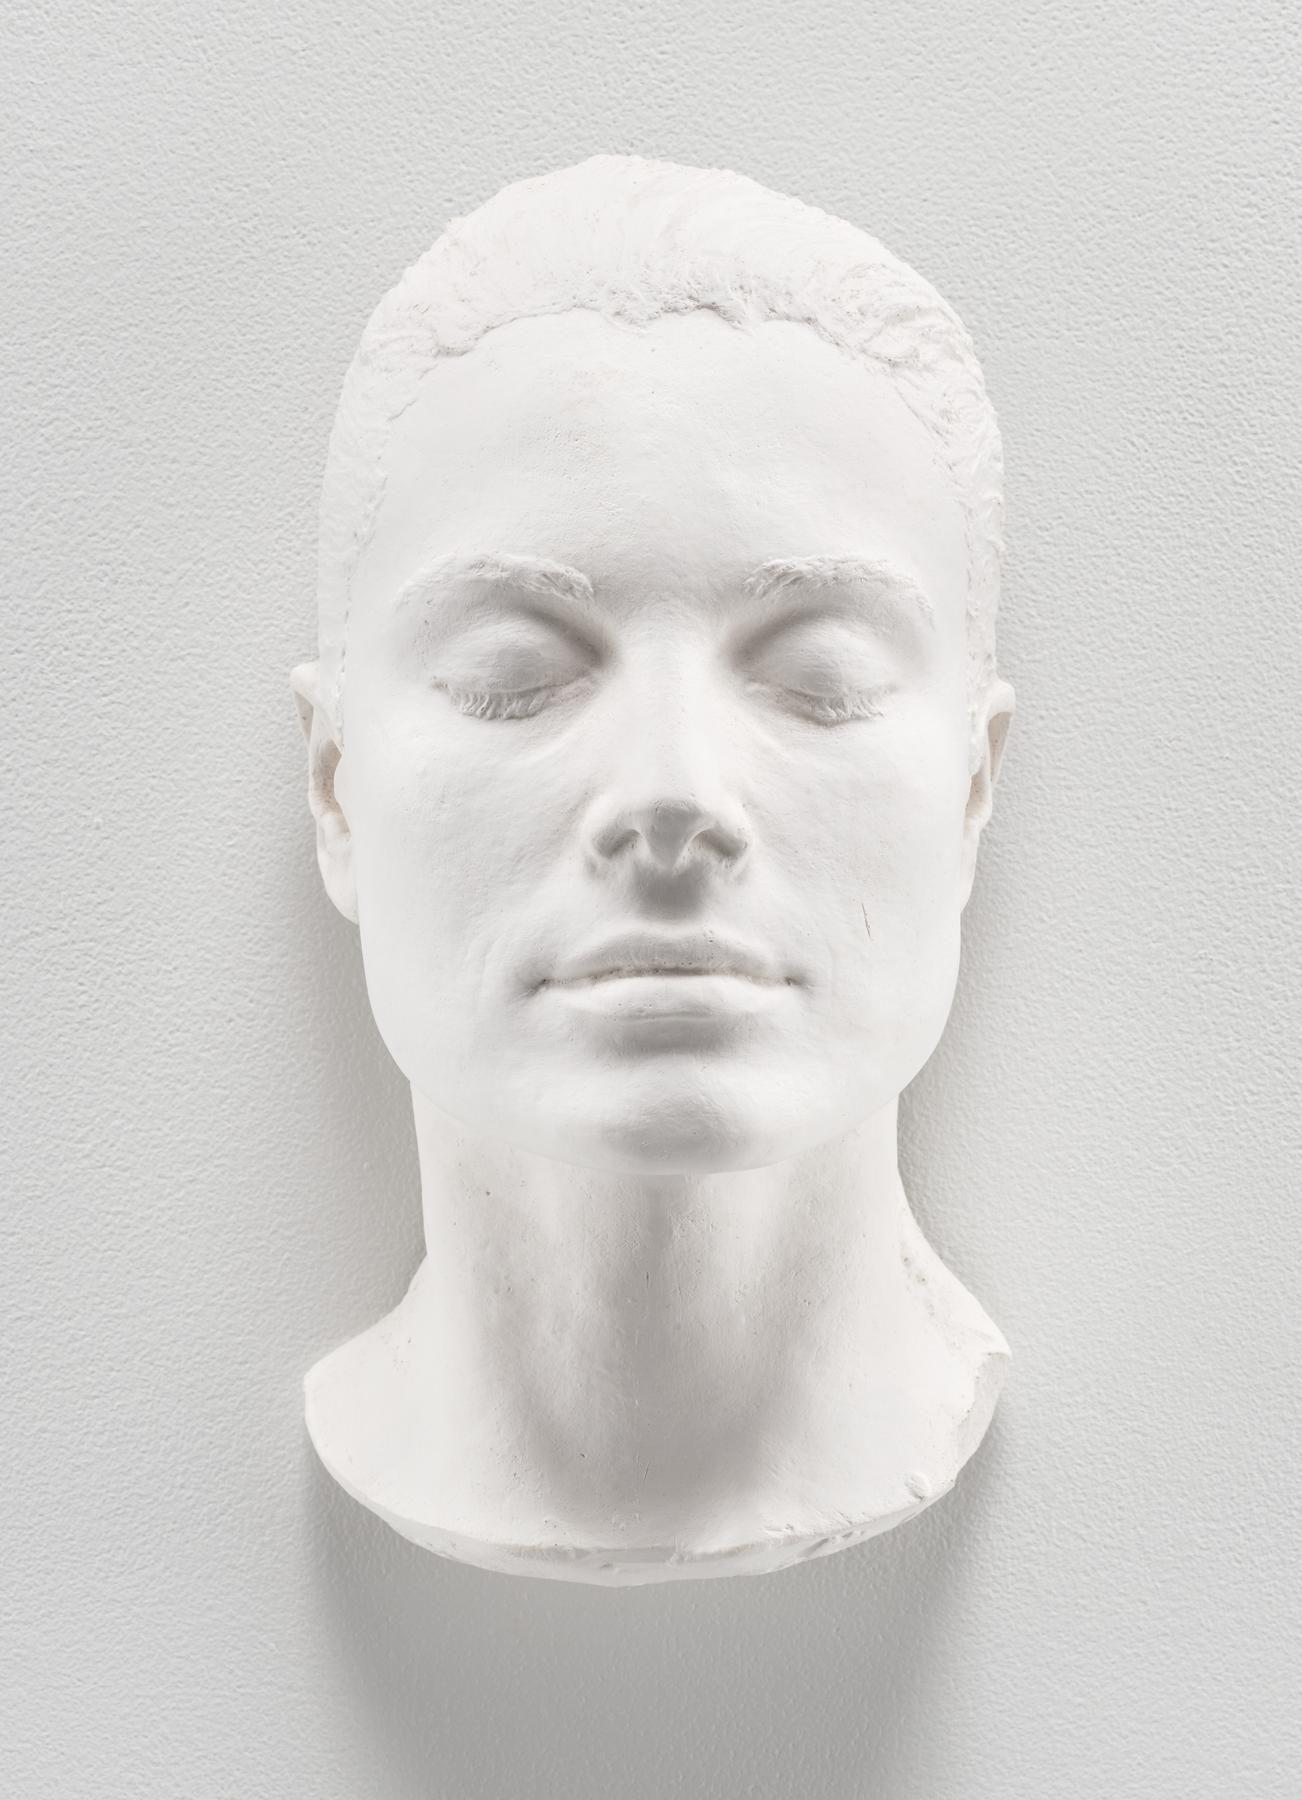 Edmier imagines (Grace Kelly, Actor/Princess)